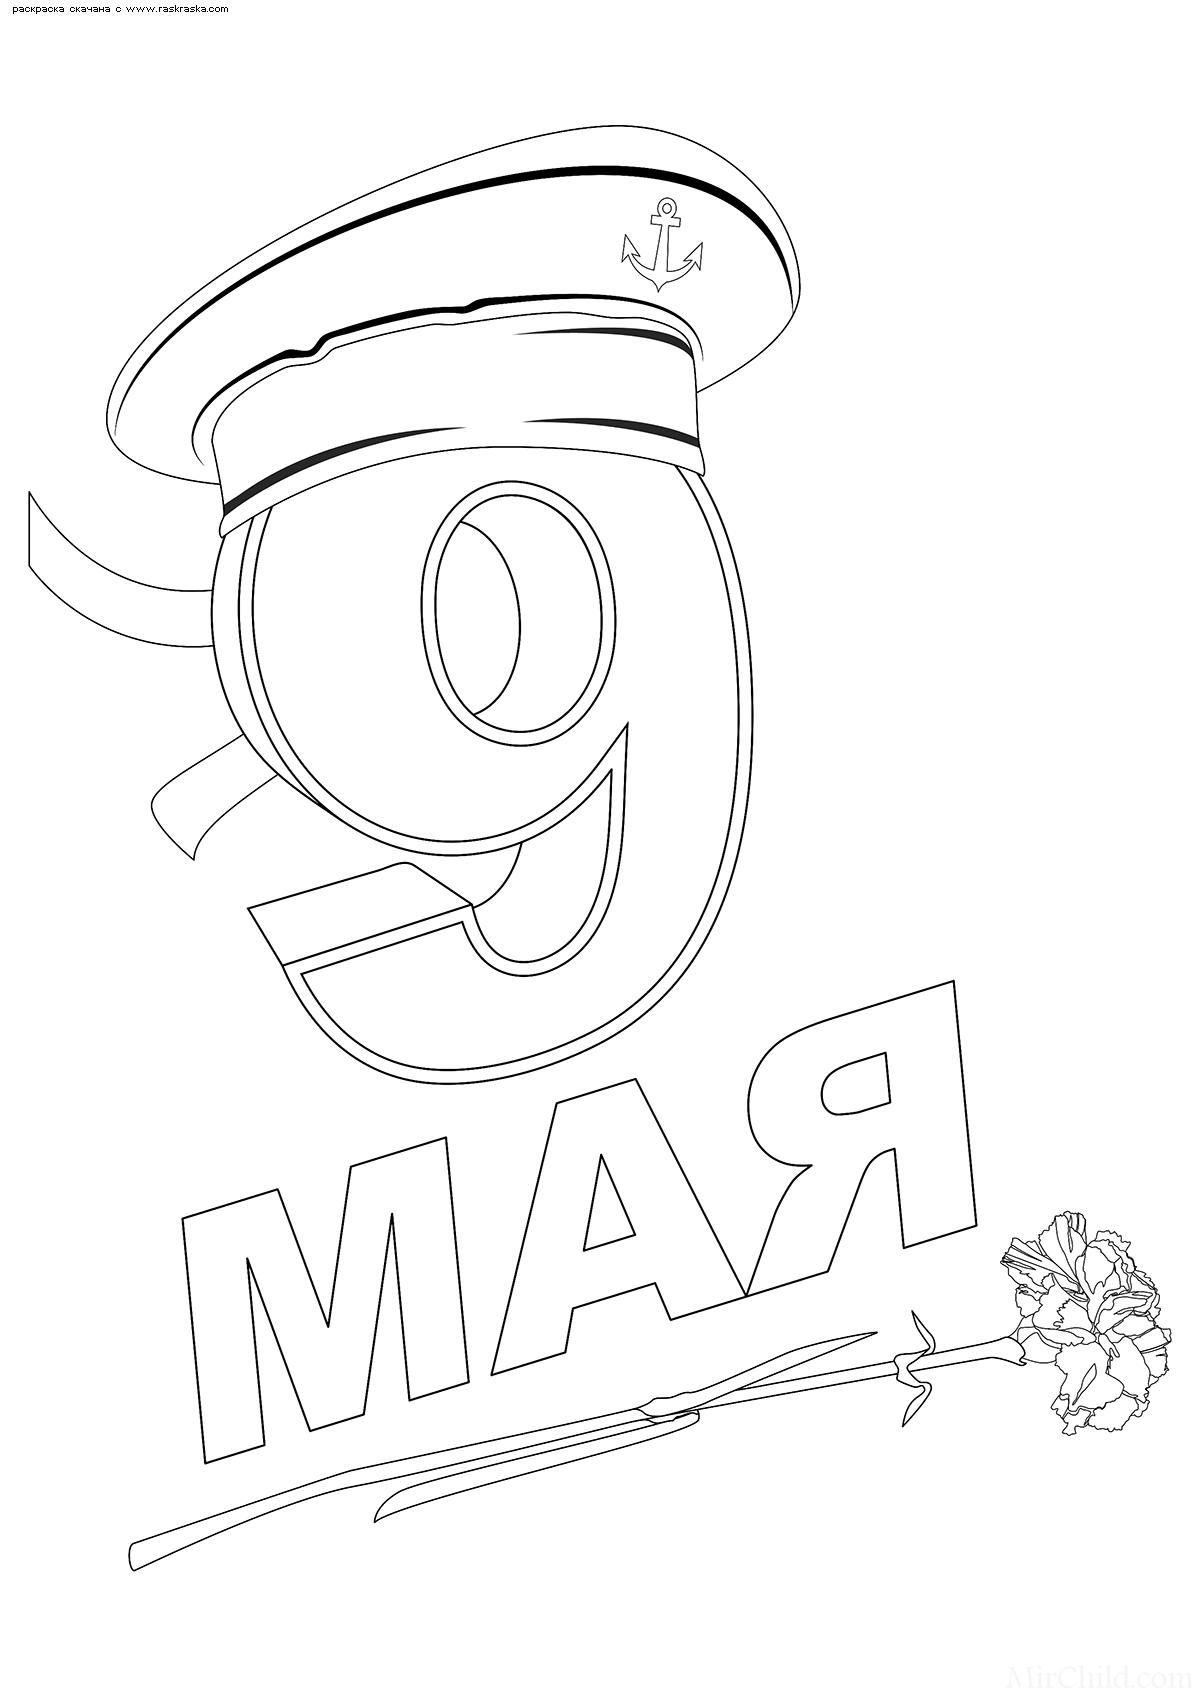 Раскраска 9 мая. Раскраска день победы, 9 мая, бескозырка